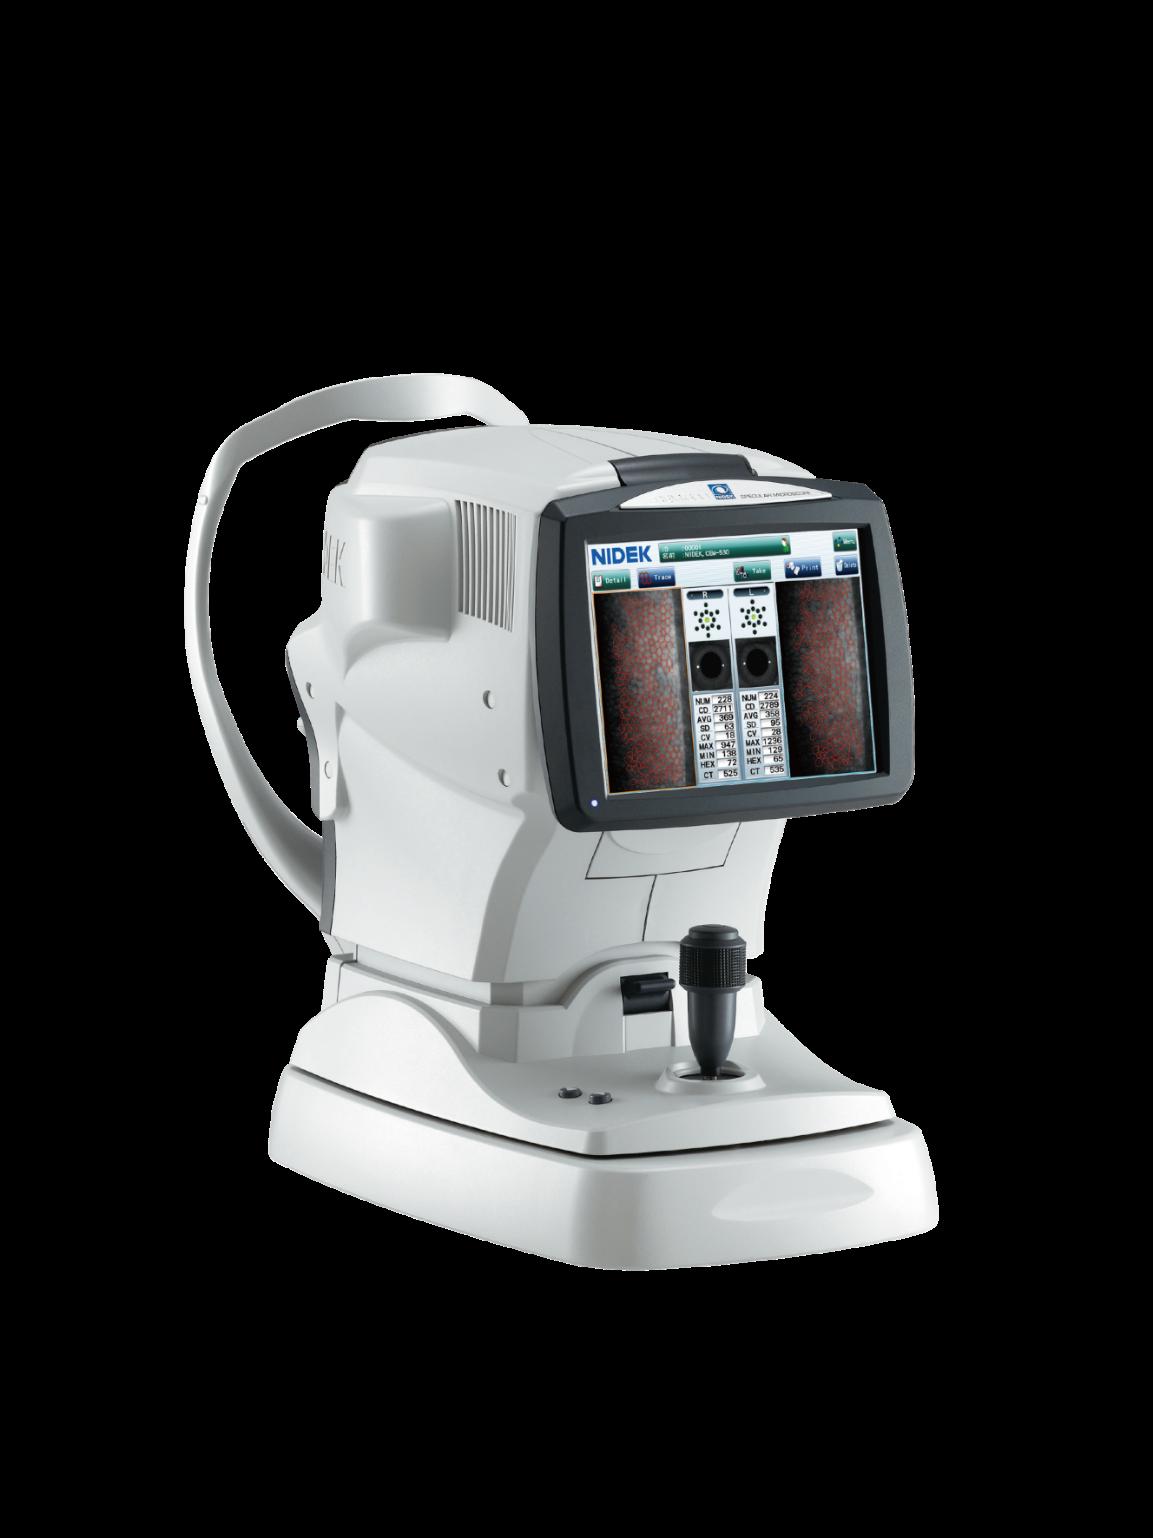 日本Nidek角膜内皮显微镜CEM-530